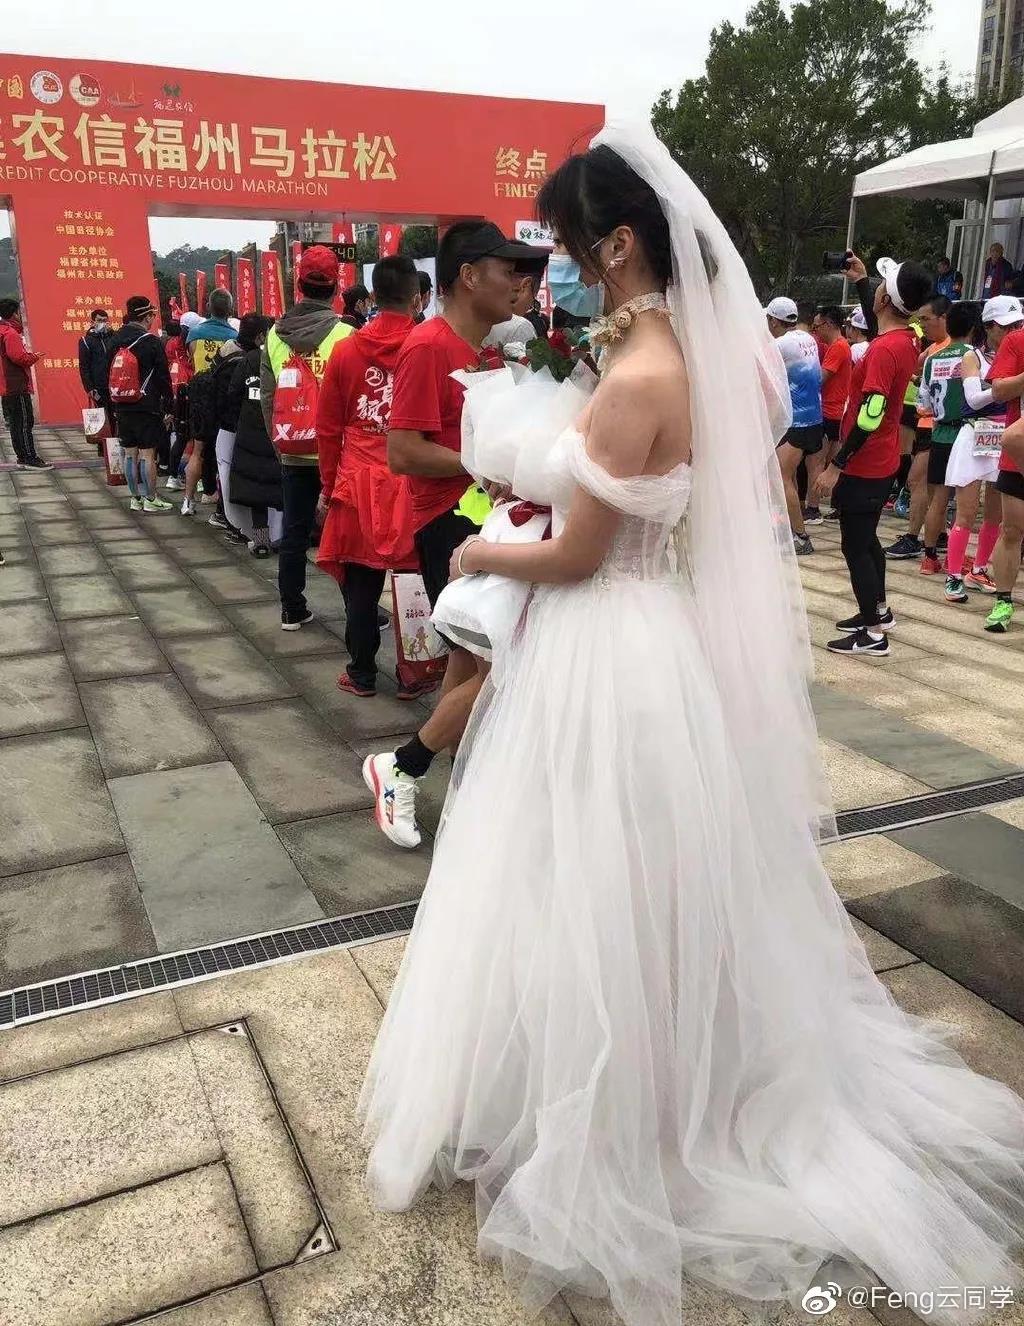 暴击!马拉松终点女子穿婚纱等候,不料男友已中途退赛回家!